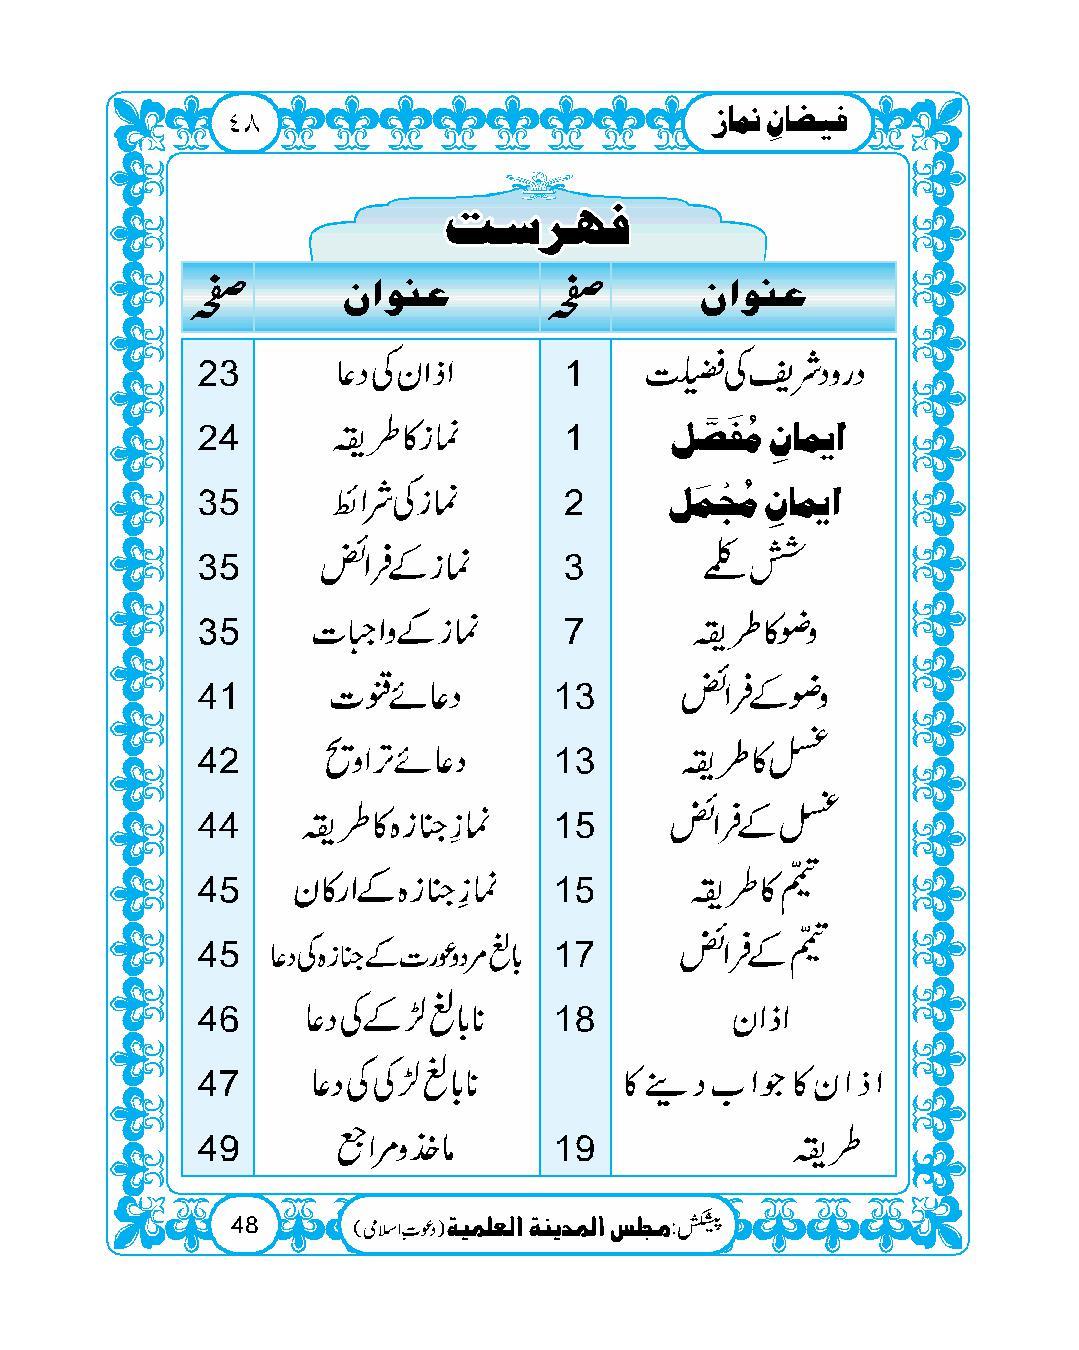 page No 48